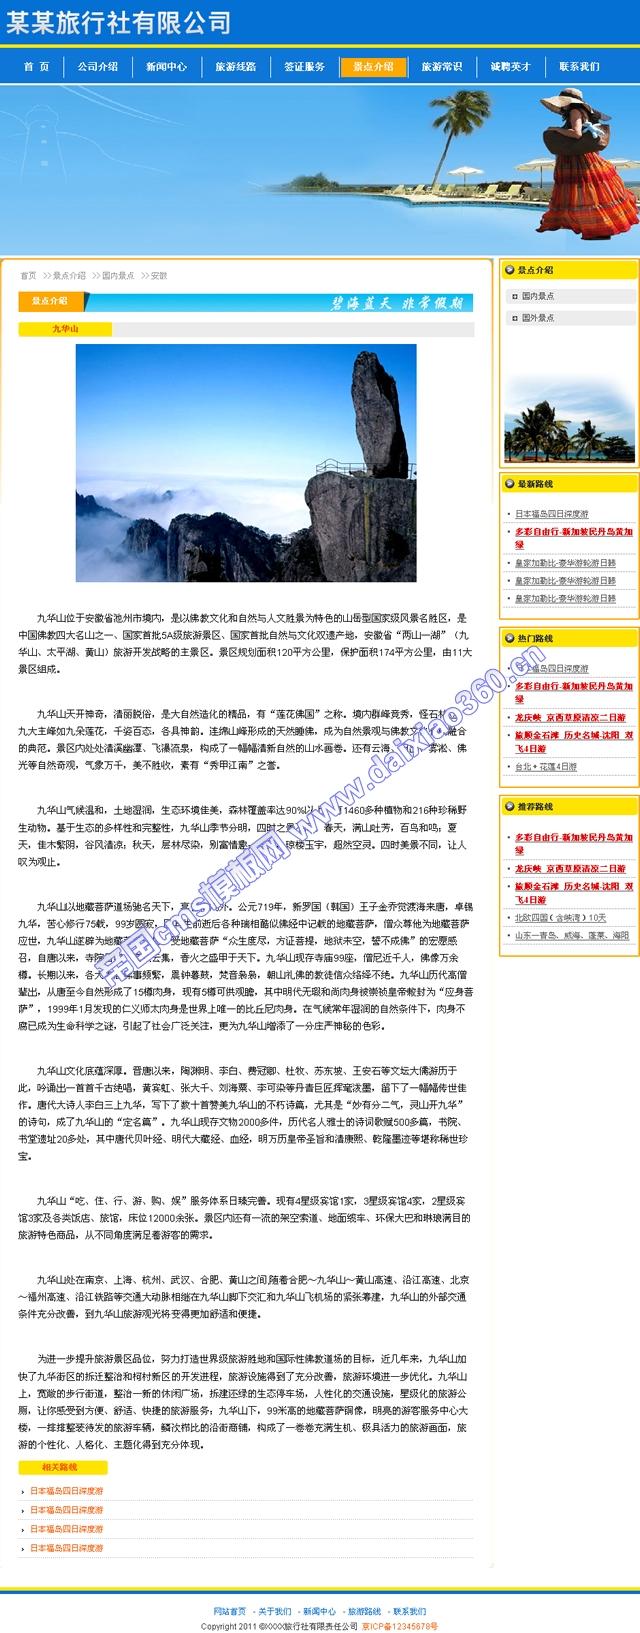 帝国cms蓝色旅行社企业模板_图片内容